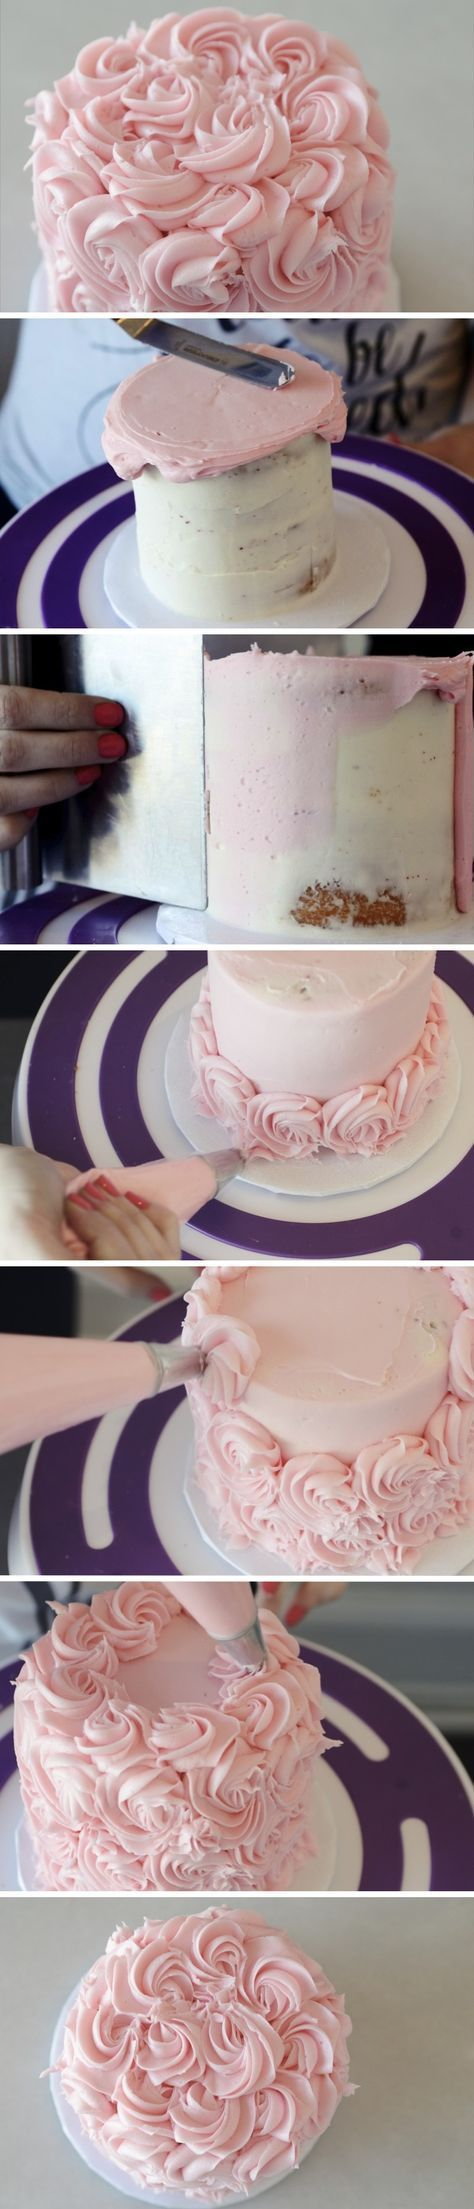 How to Frost a Rose Cake | Relish.com More #cakedecoratingtutorials